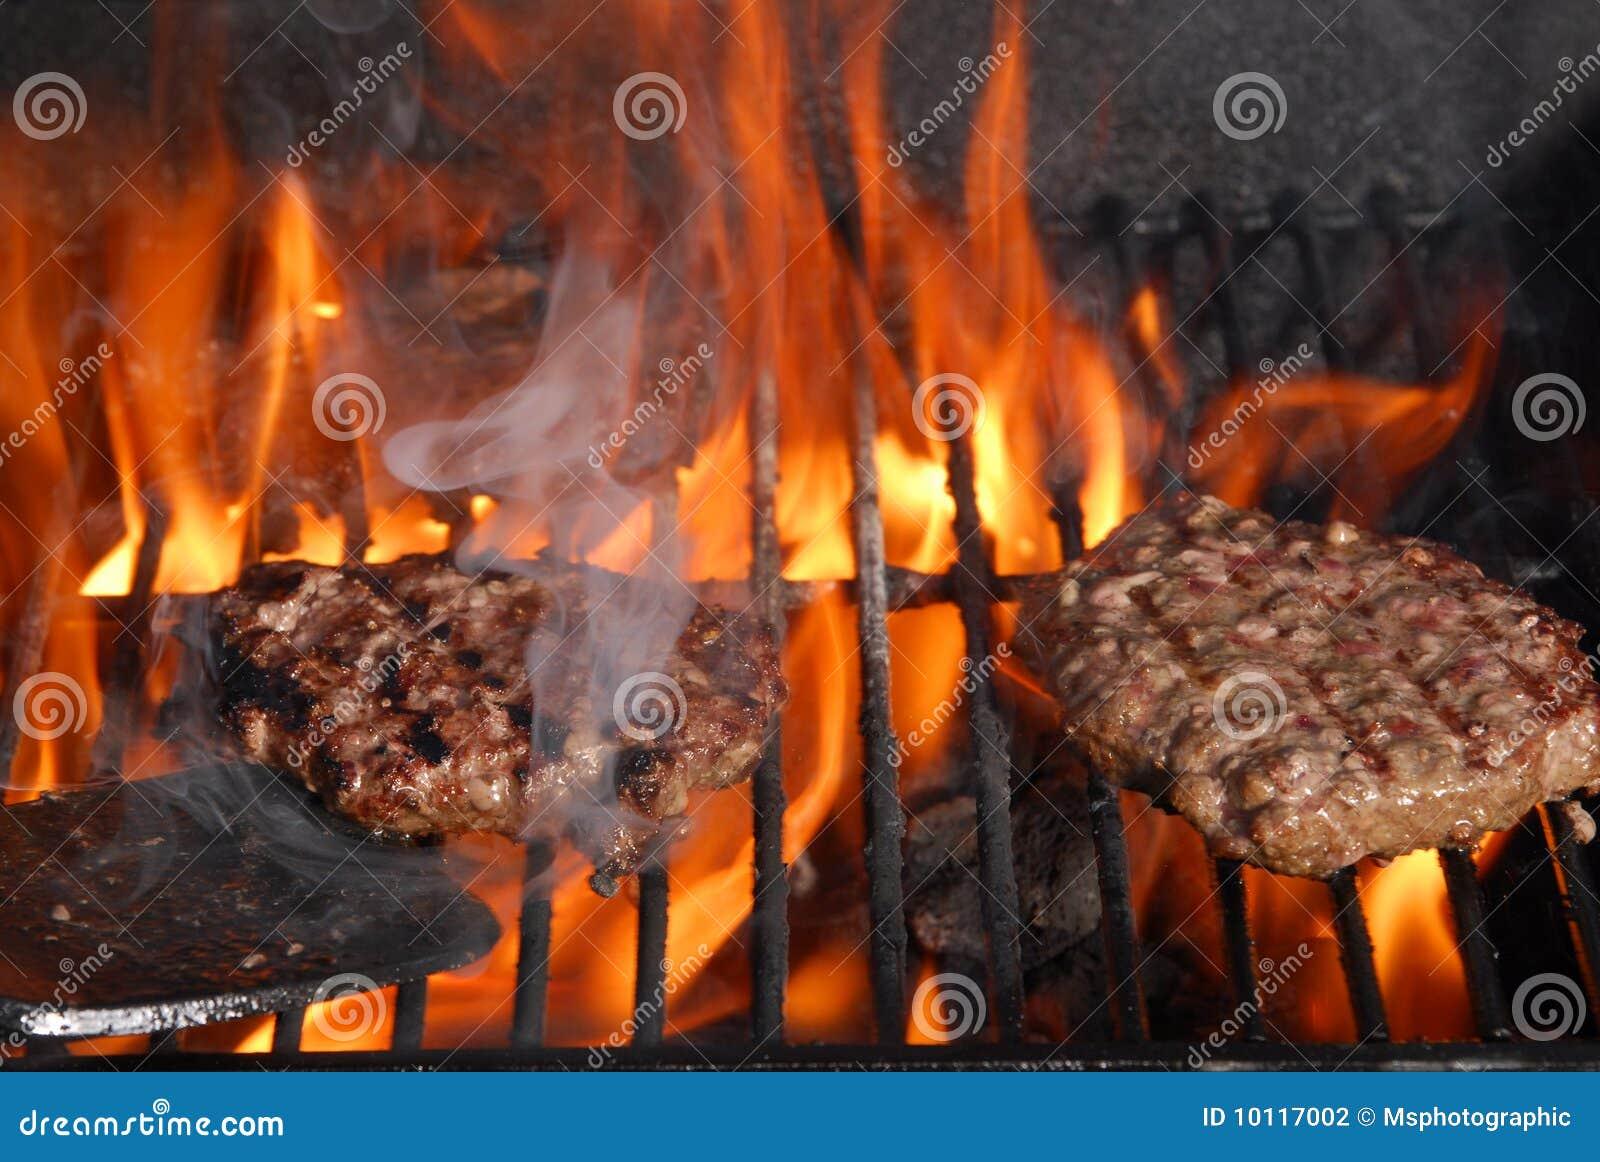 Grillów hamburgery